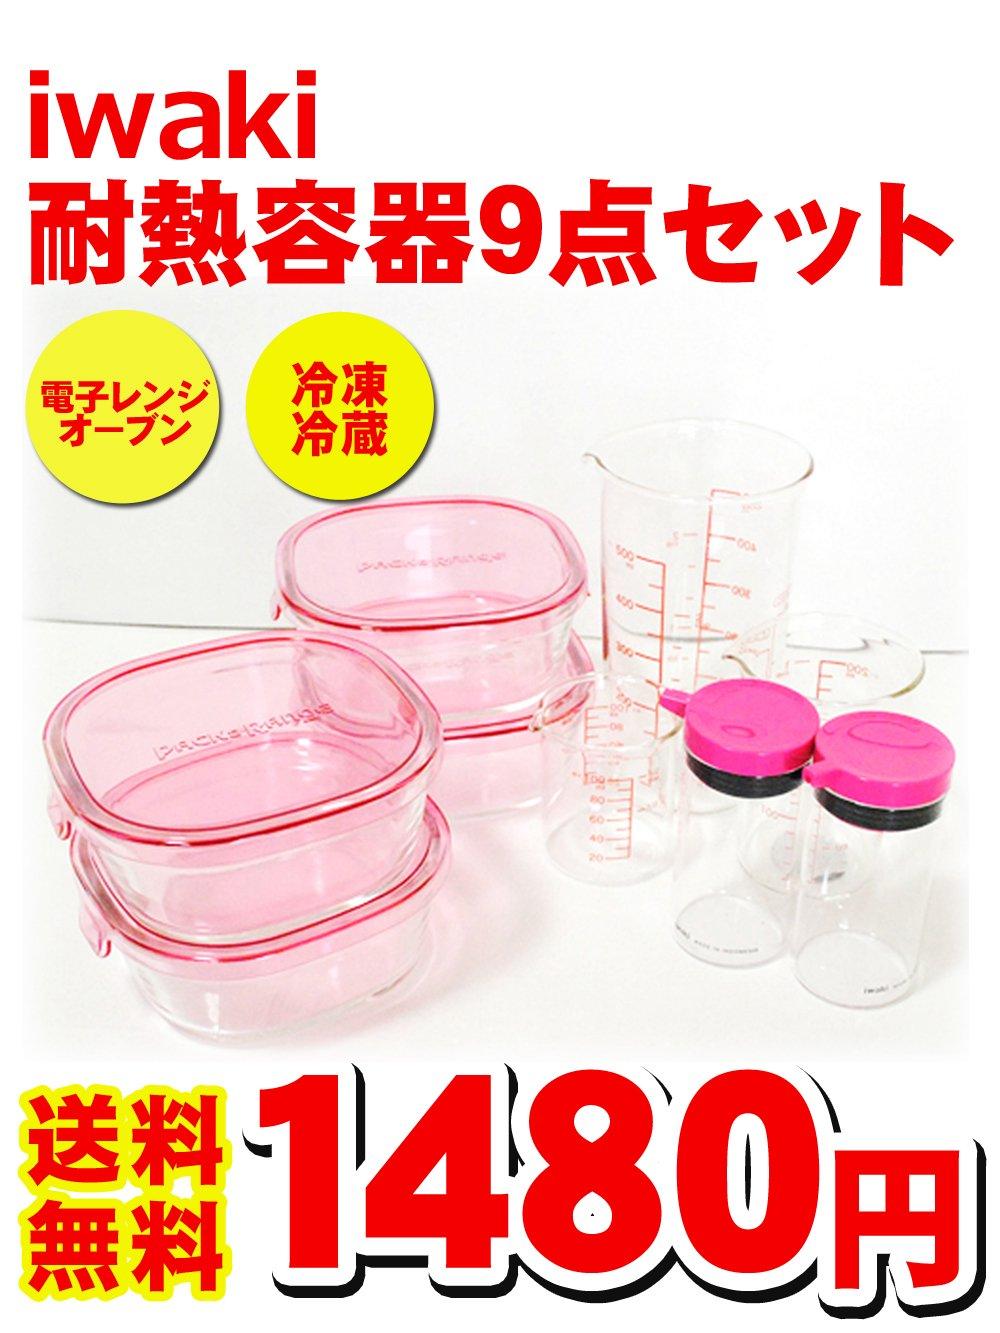 【送料無料】IWAKIイワキ 耐熱ガラス容器9点セット【1480円】